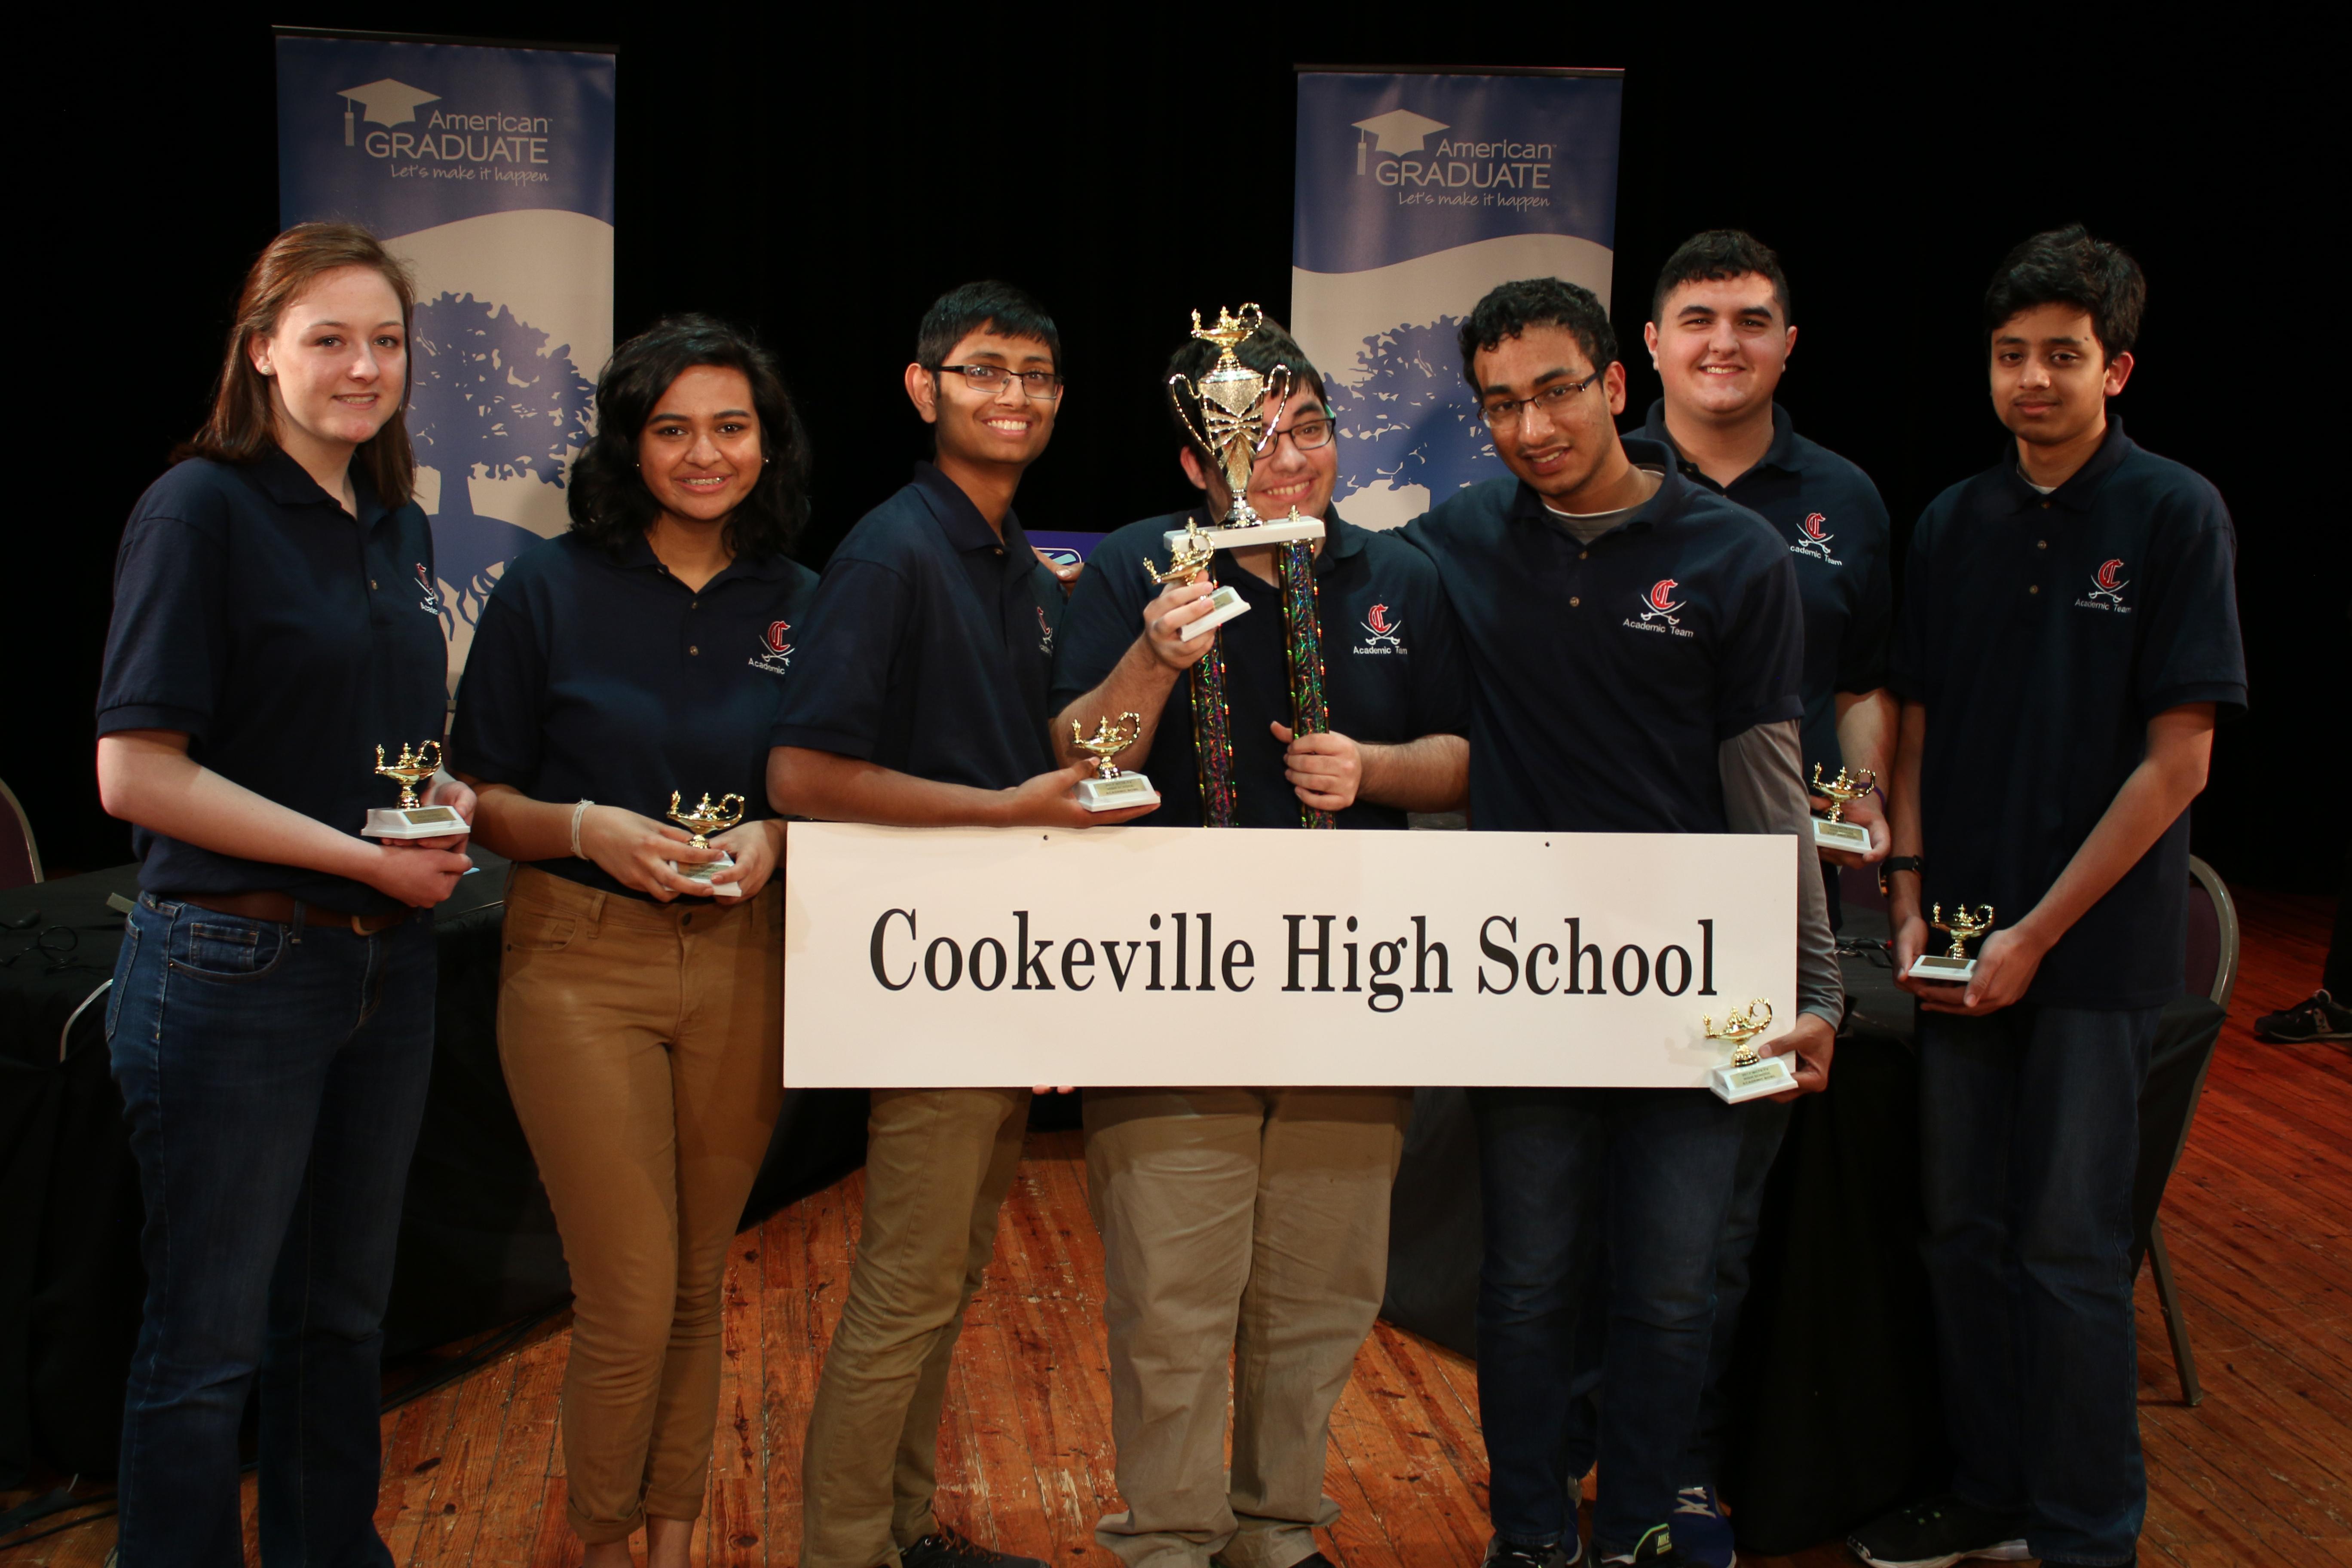 1st Place: Cookeville HS